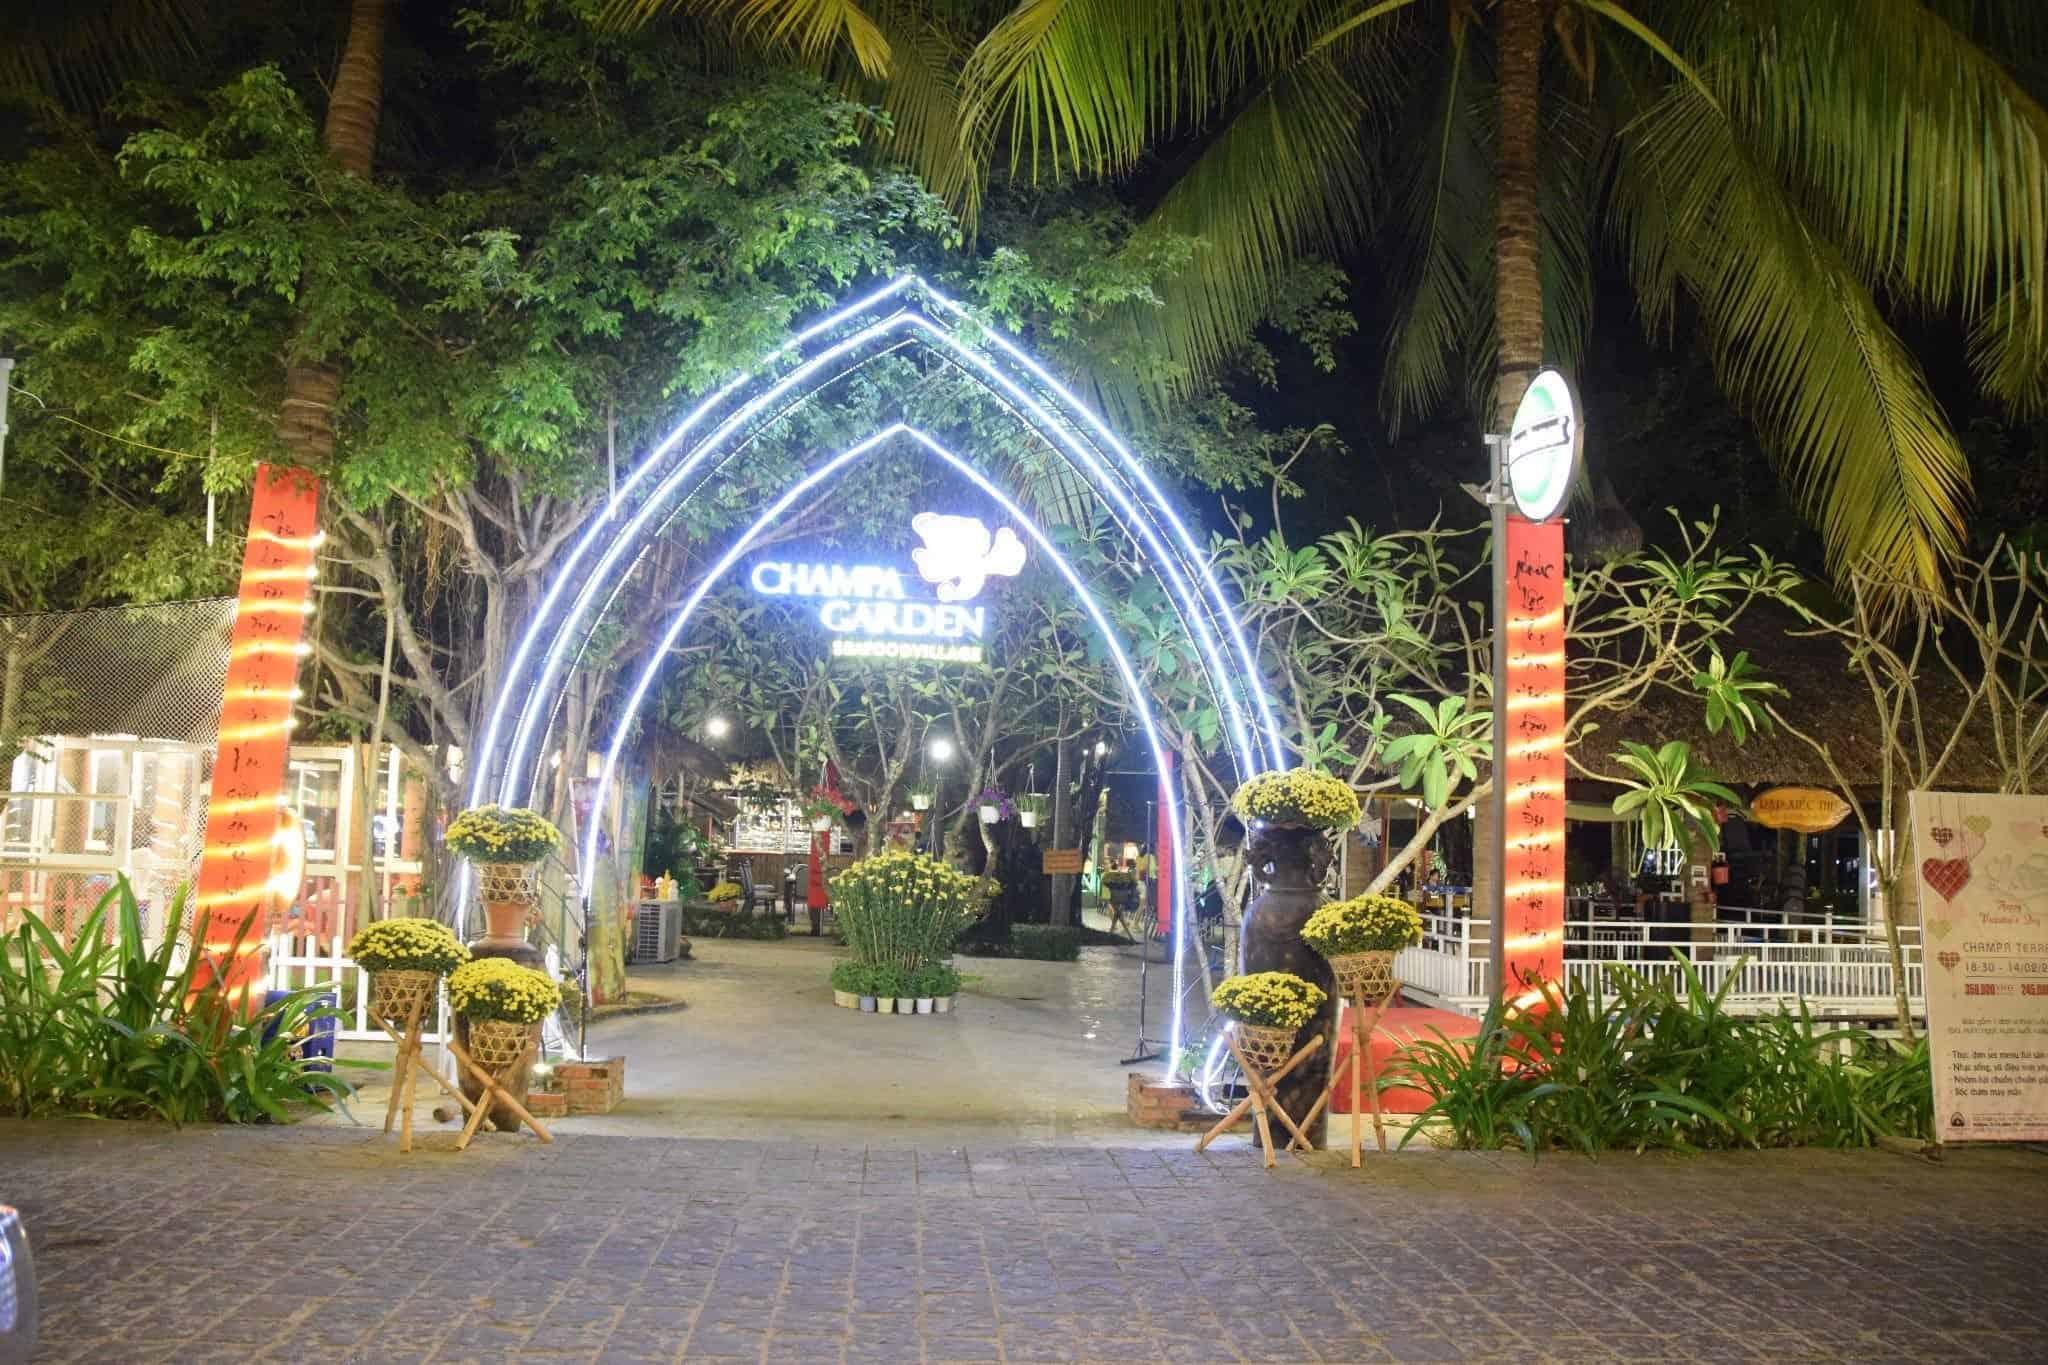 Review khu du lịch Champa Garden, Nha Trang đẹp độc lạ. Kinh nghiệm du lịch Champa Garden, Nha Trang cụ thể, chi tiết, thú vị...